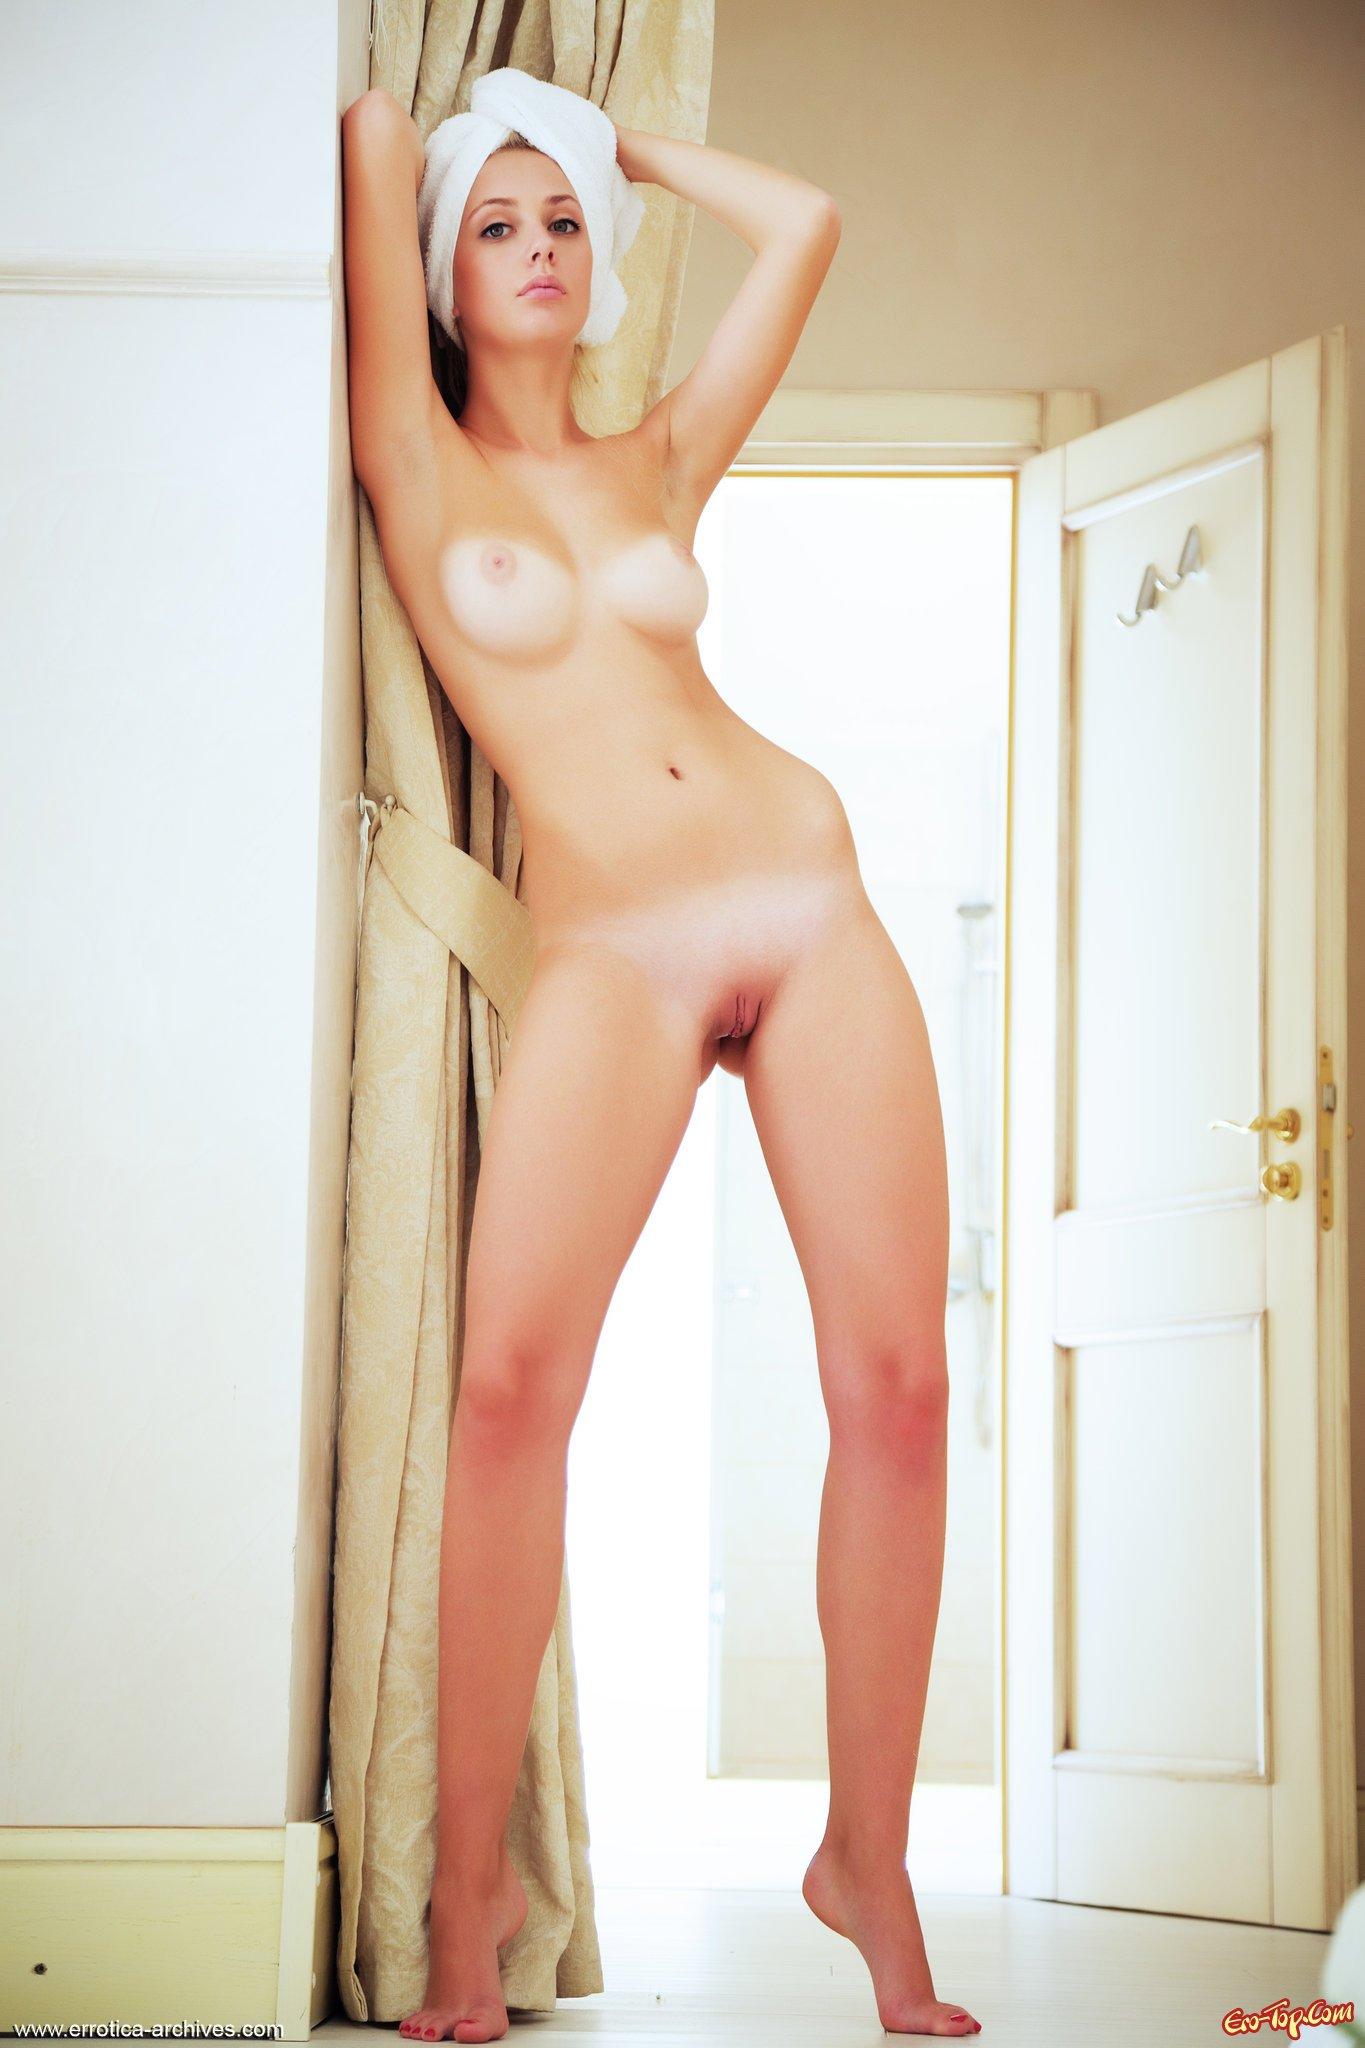 Ебля длинноногих голых девушки онлайн фото 661-255